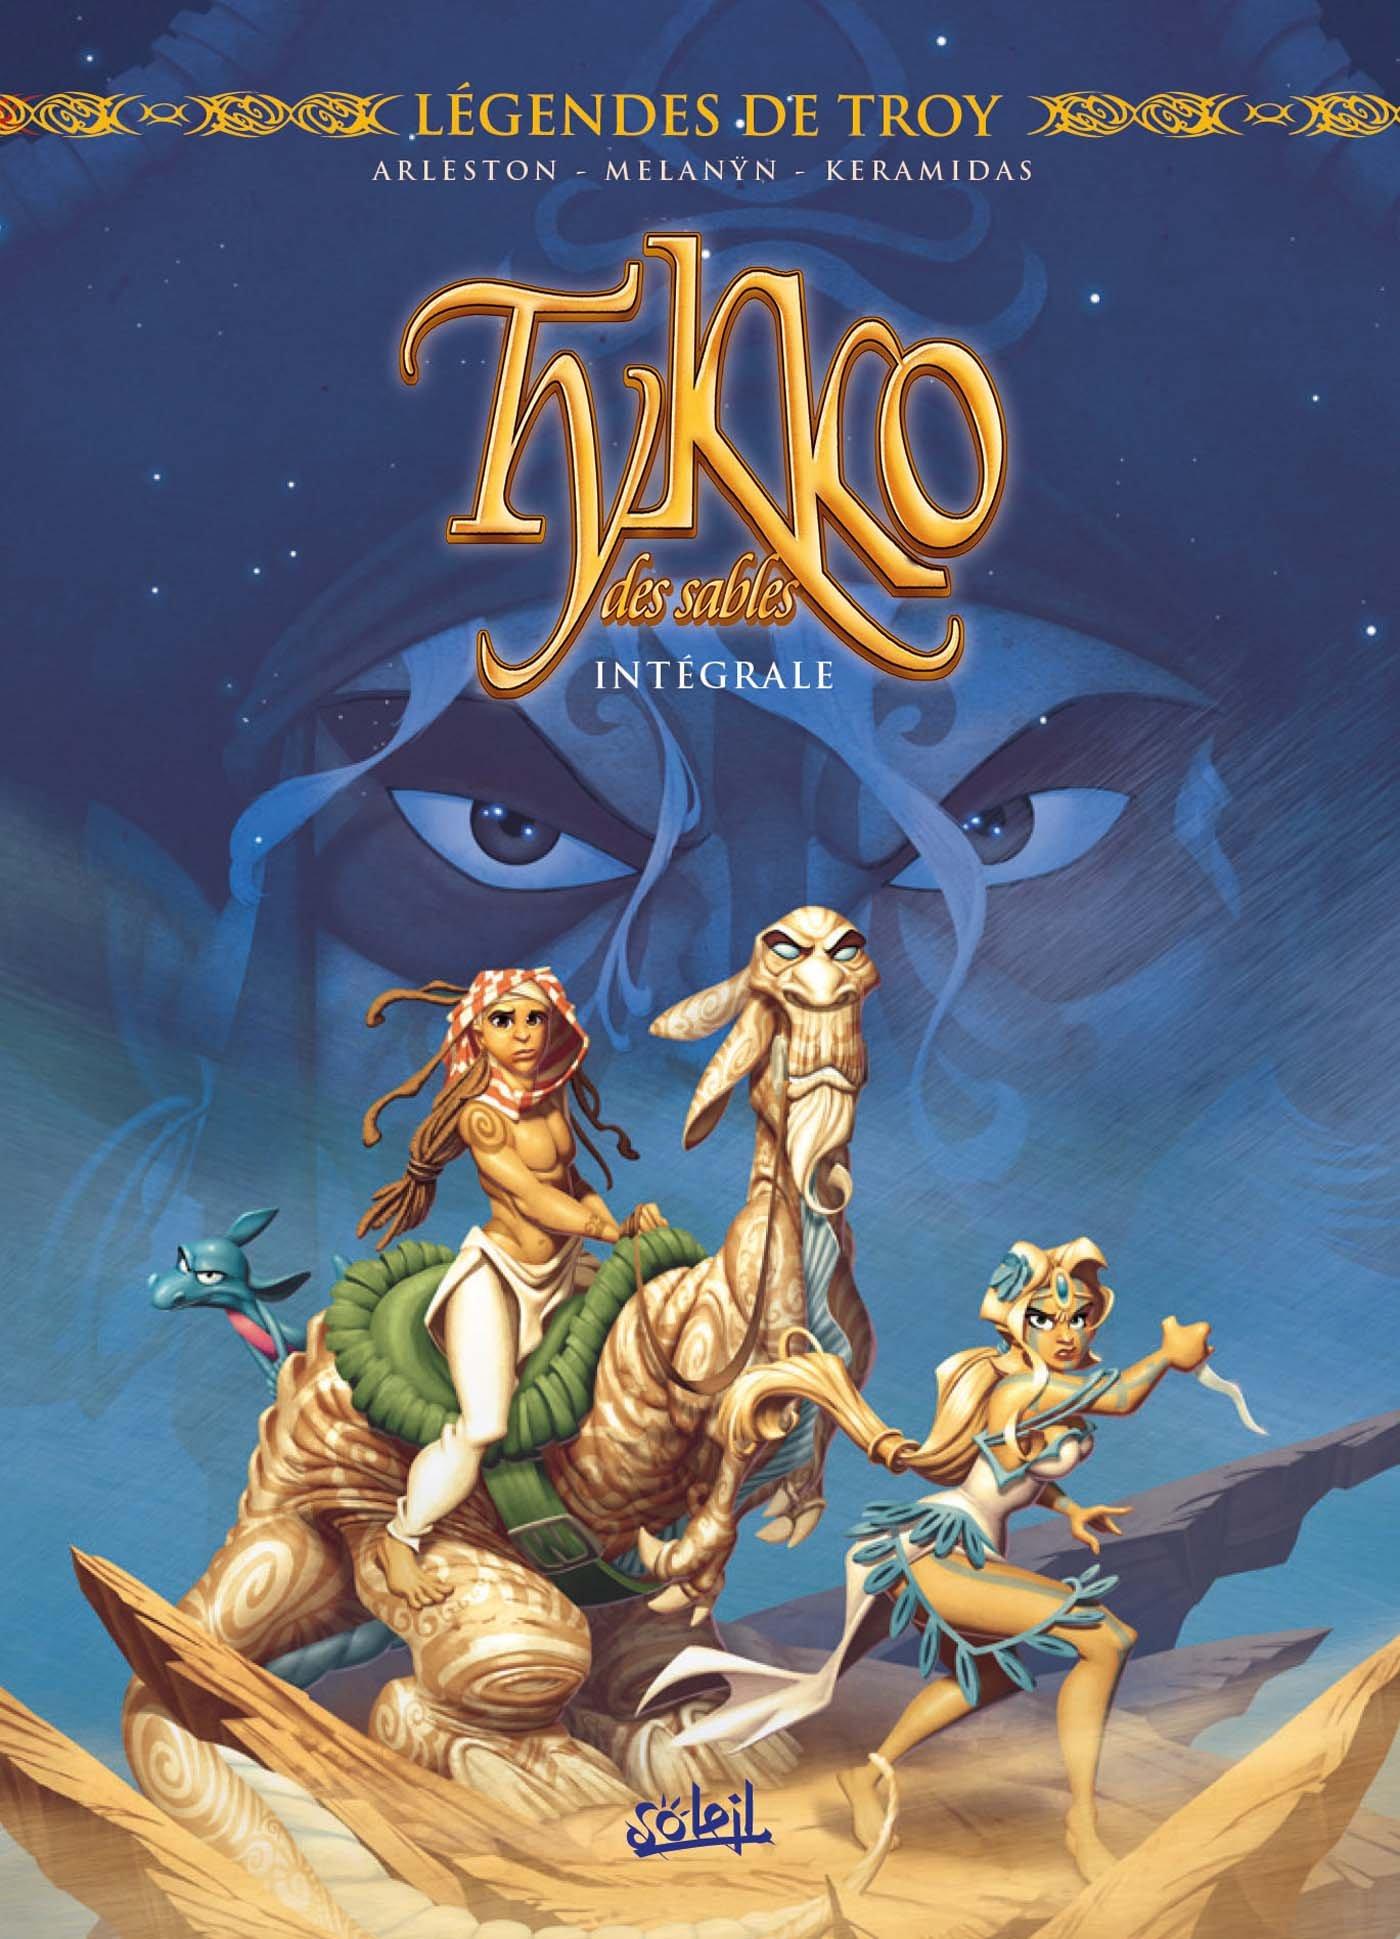 Légendes de Troy : Tykko des sables 1 - Intégrale T.1 à T.3